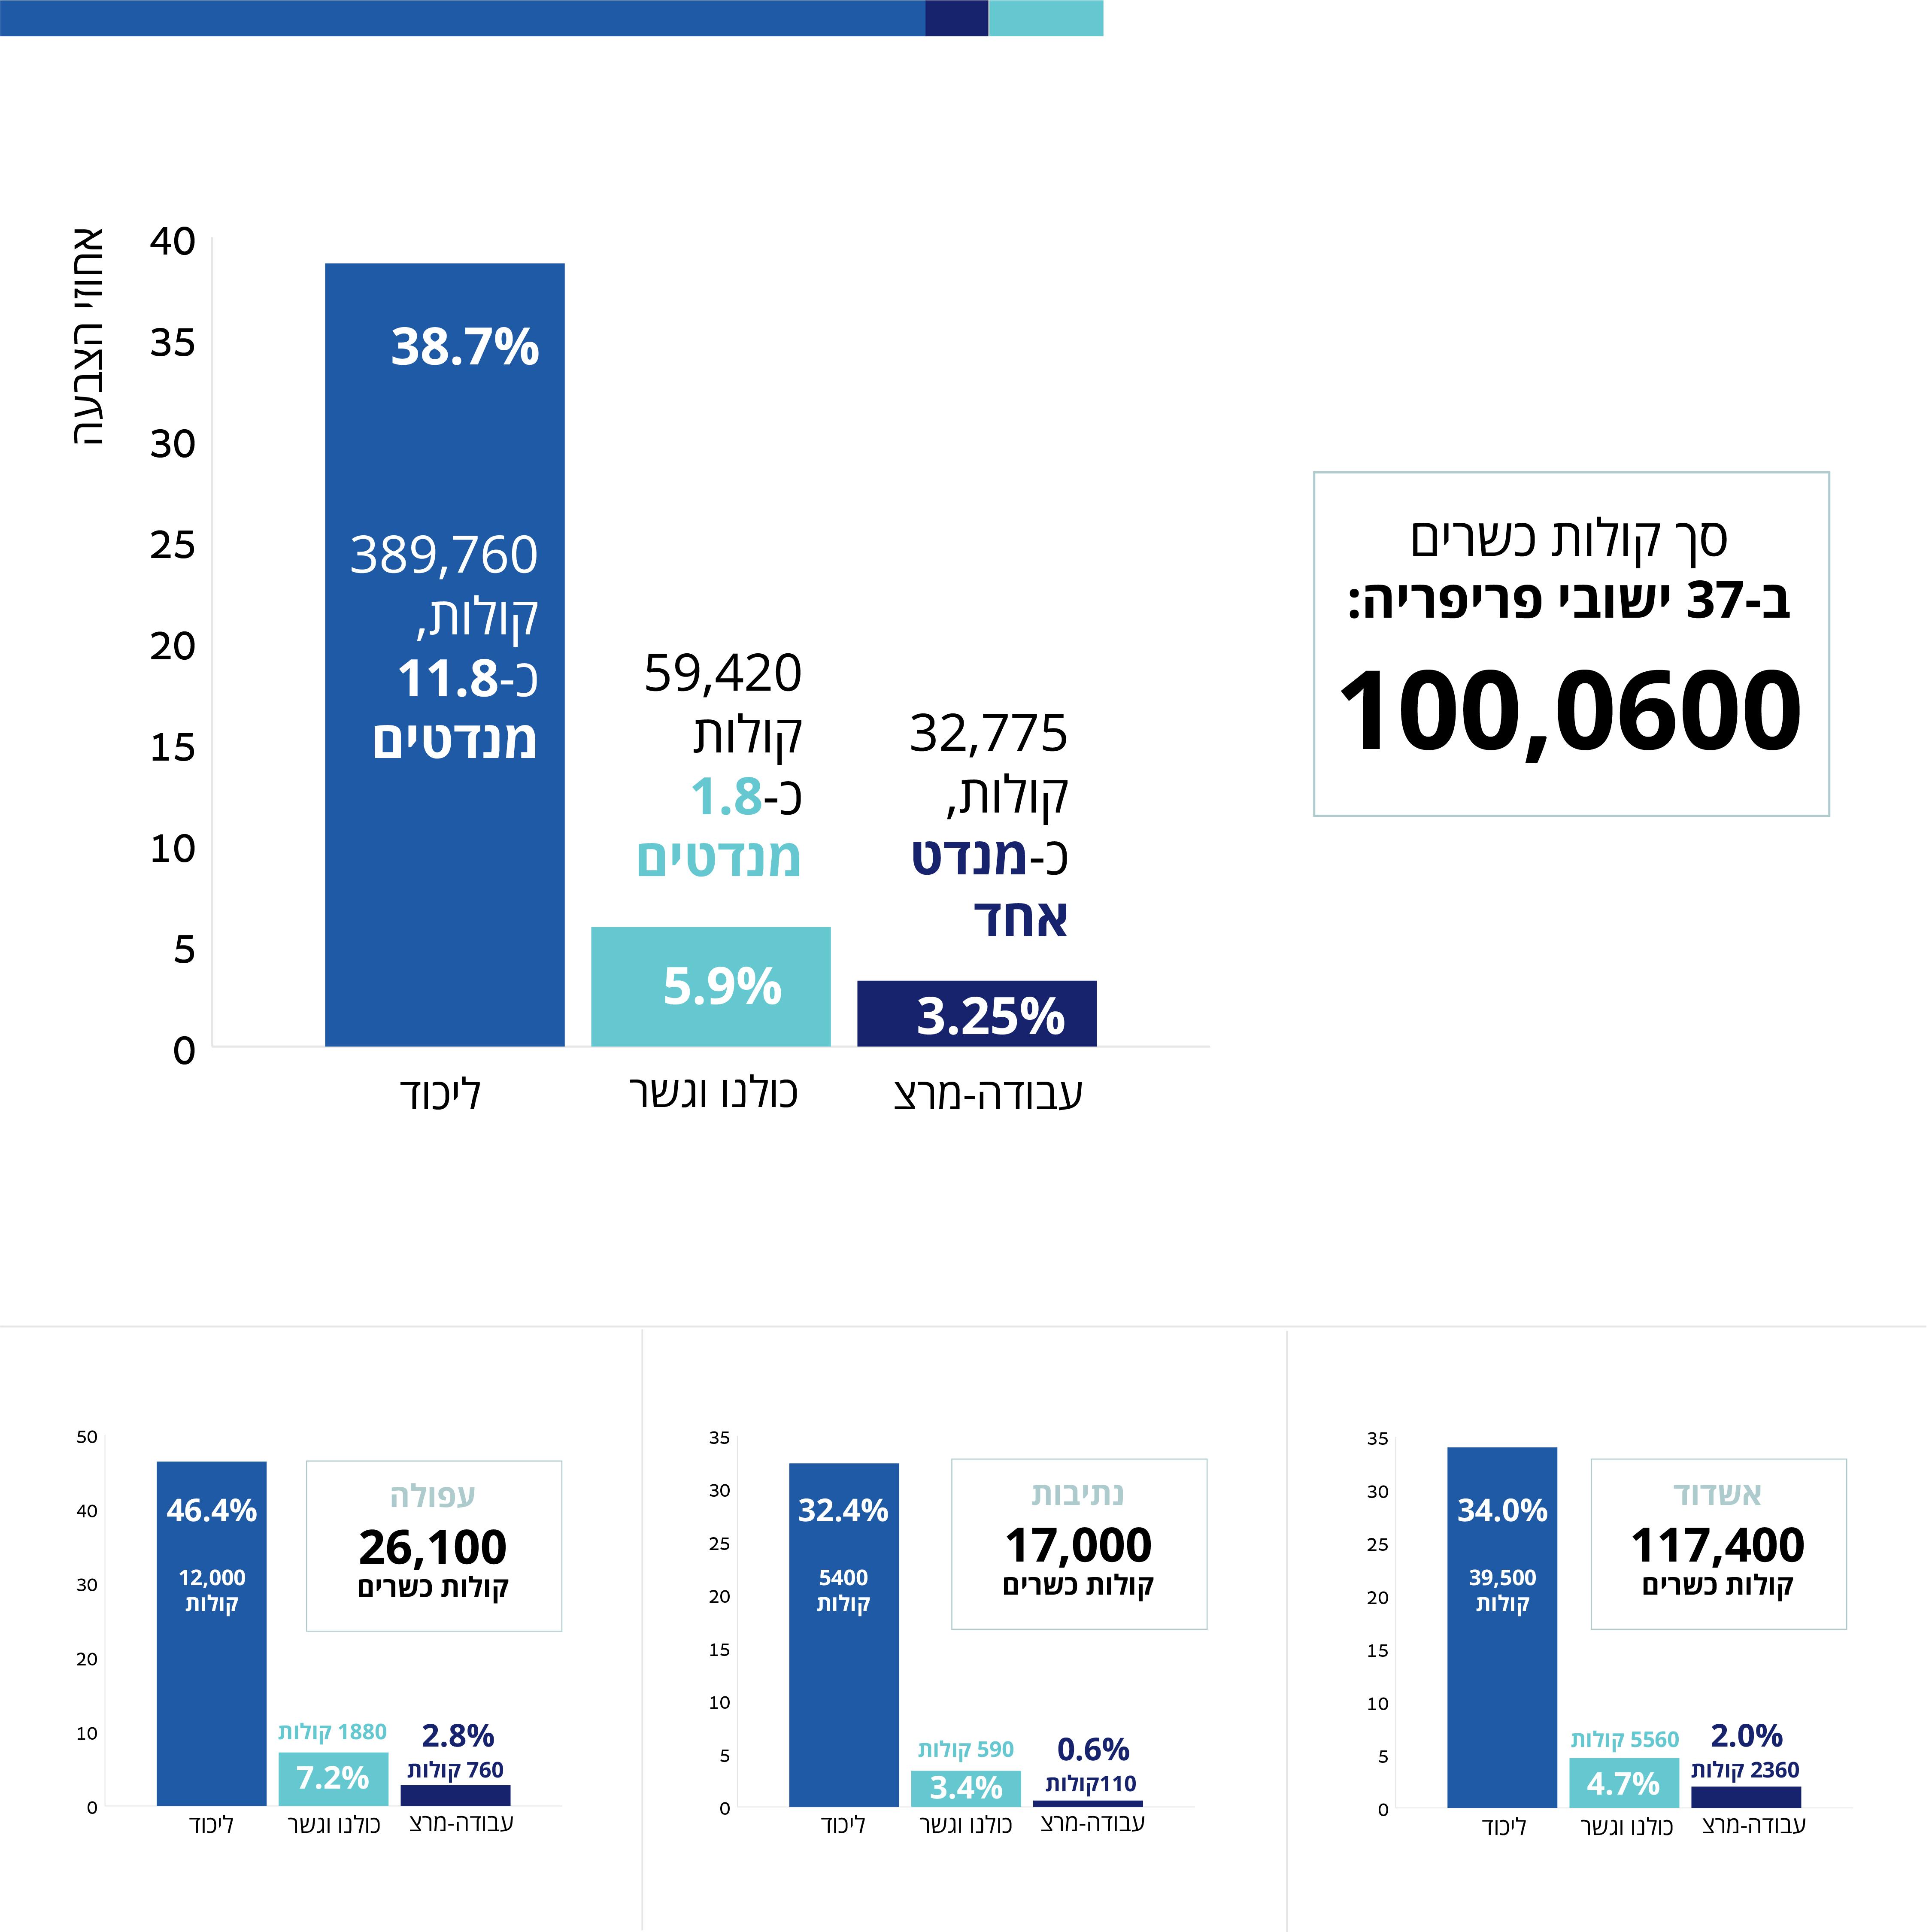 בדיקת הצבעה למפלגות ב-37 יישובי פריפריה. אינפוגרפיקה: אווה נג'אר